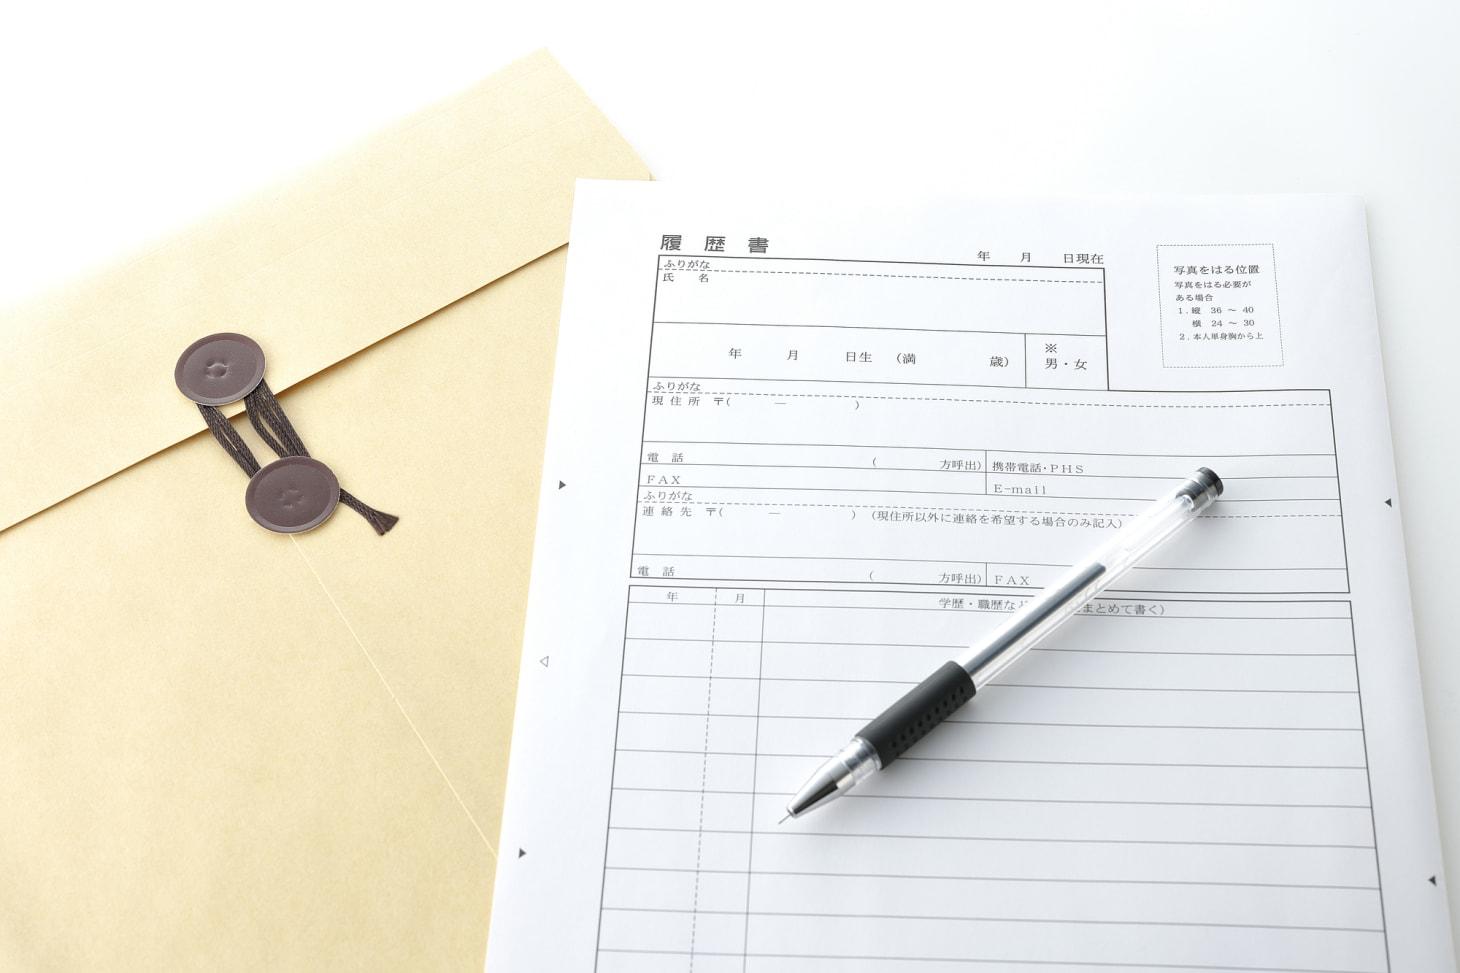 介護老人保健施設へ応募する介護職員の志望動機のポイントと例文 | 「カイゴジョブ」介護職の求人・転職・仕事探し